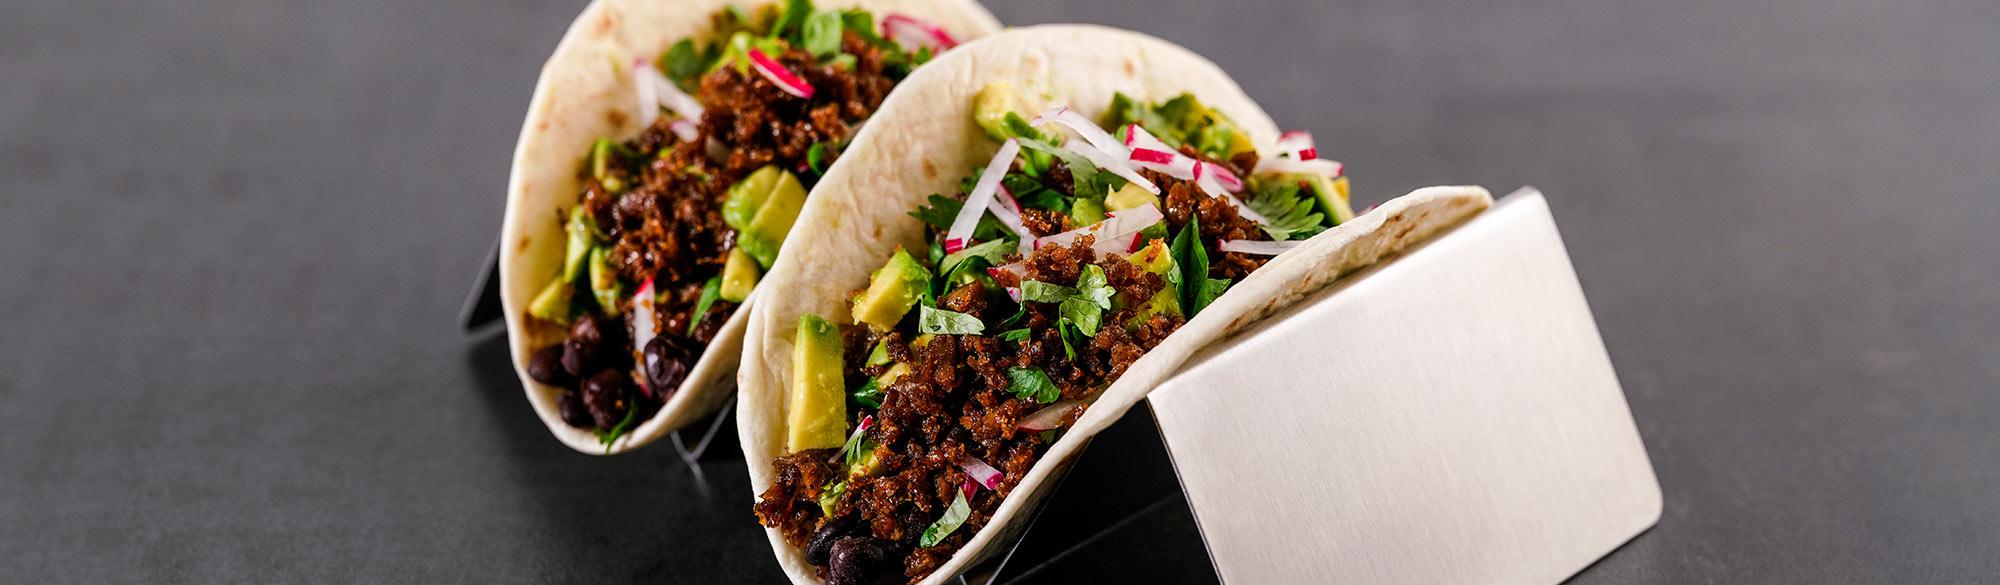 Två stycken tortillas med black burrito